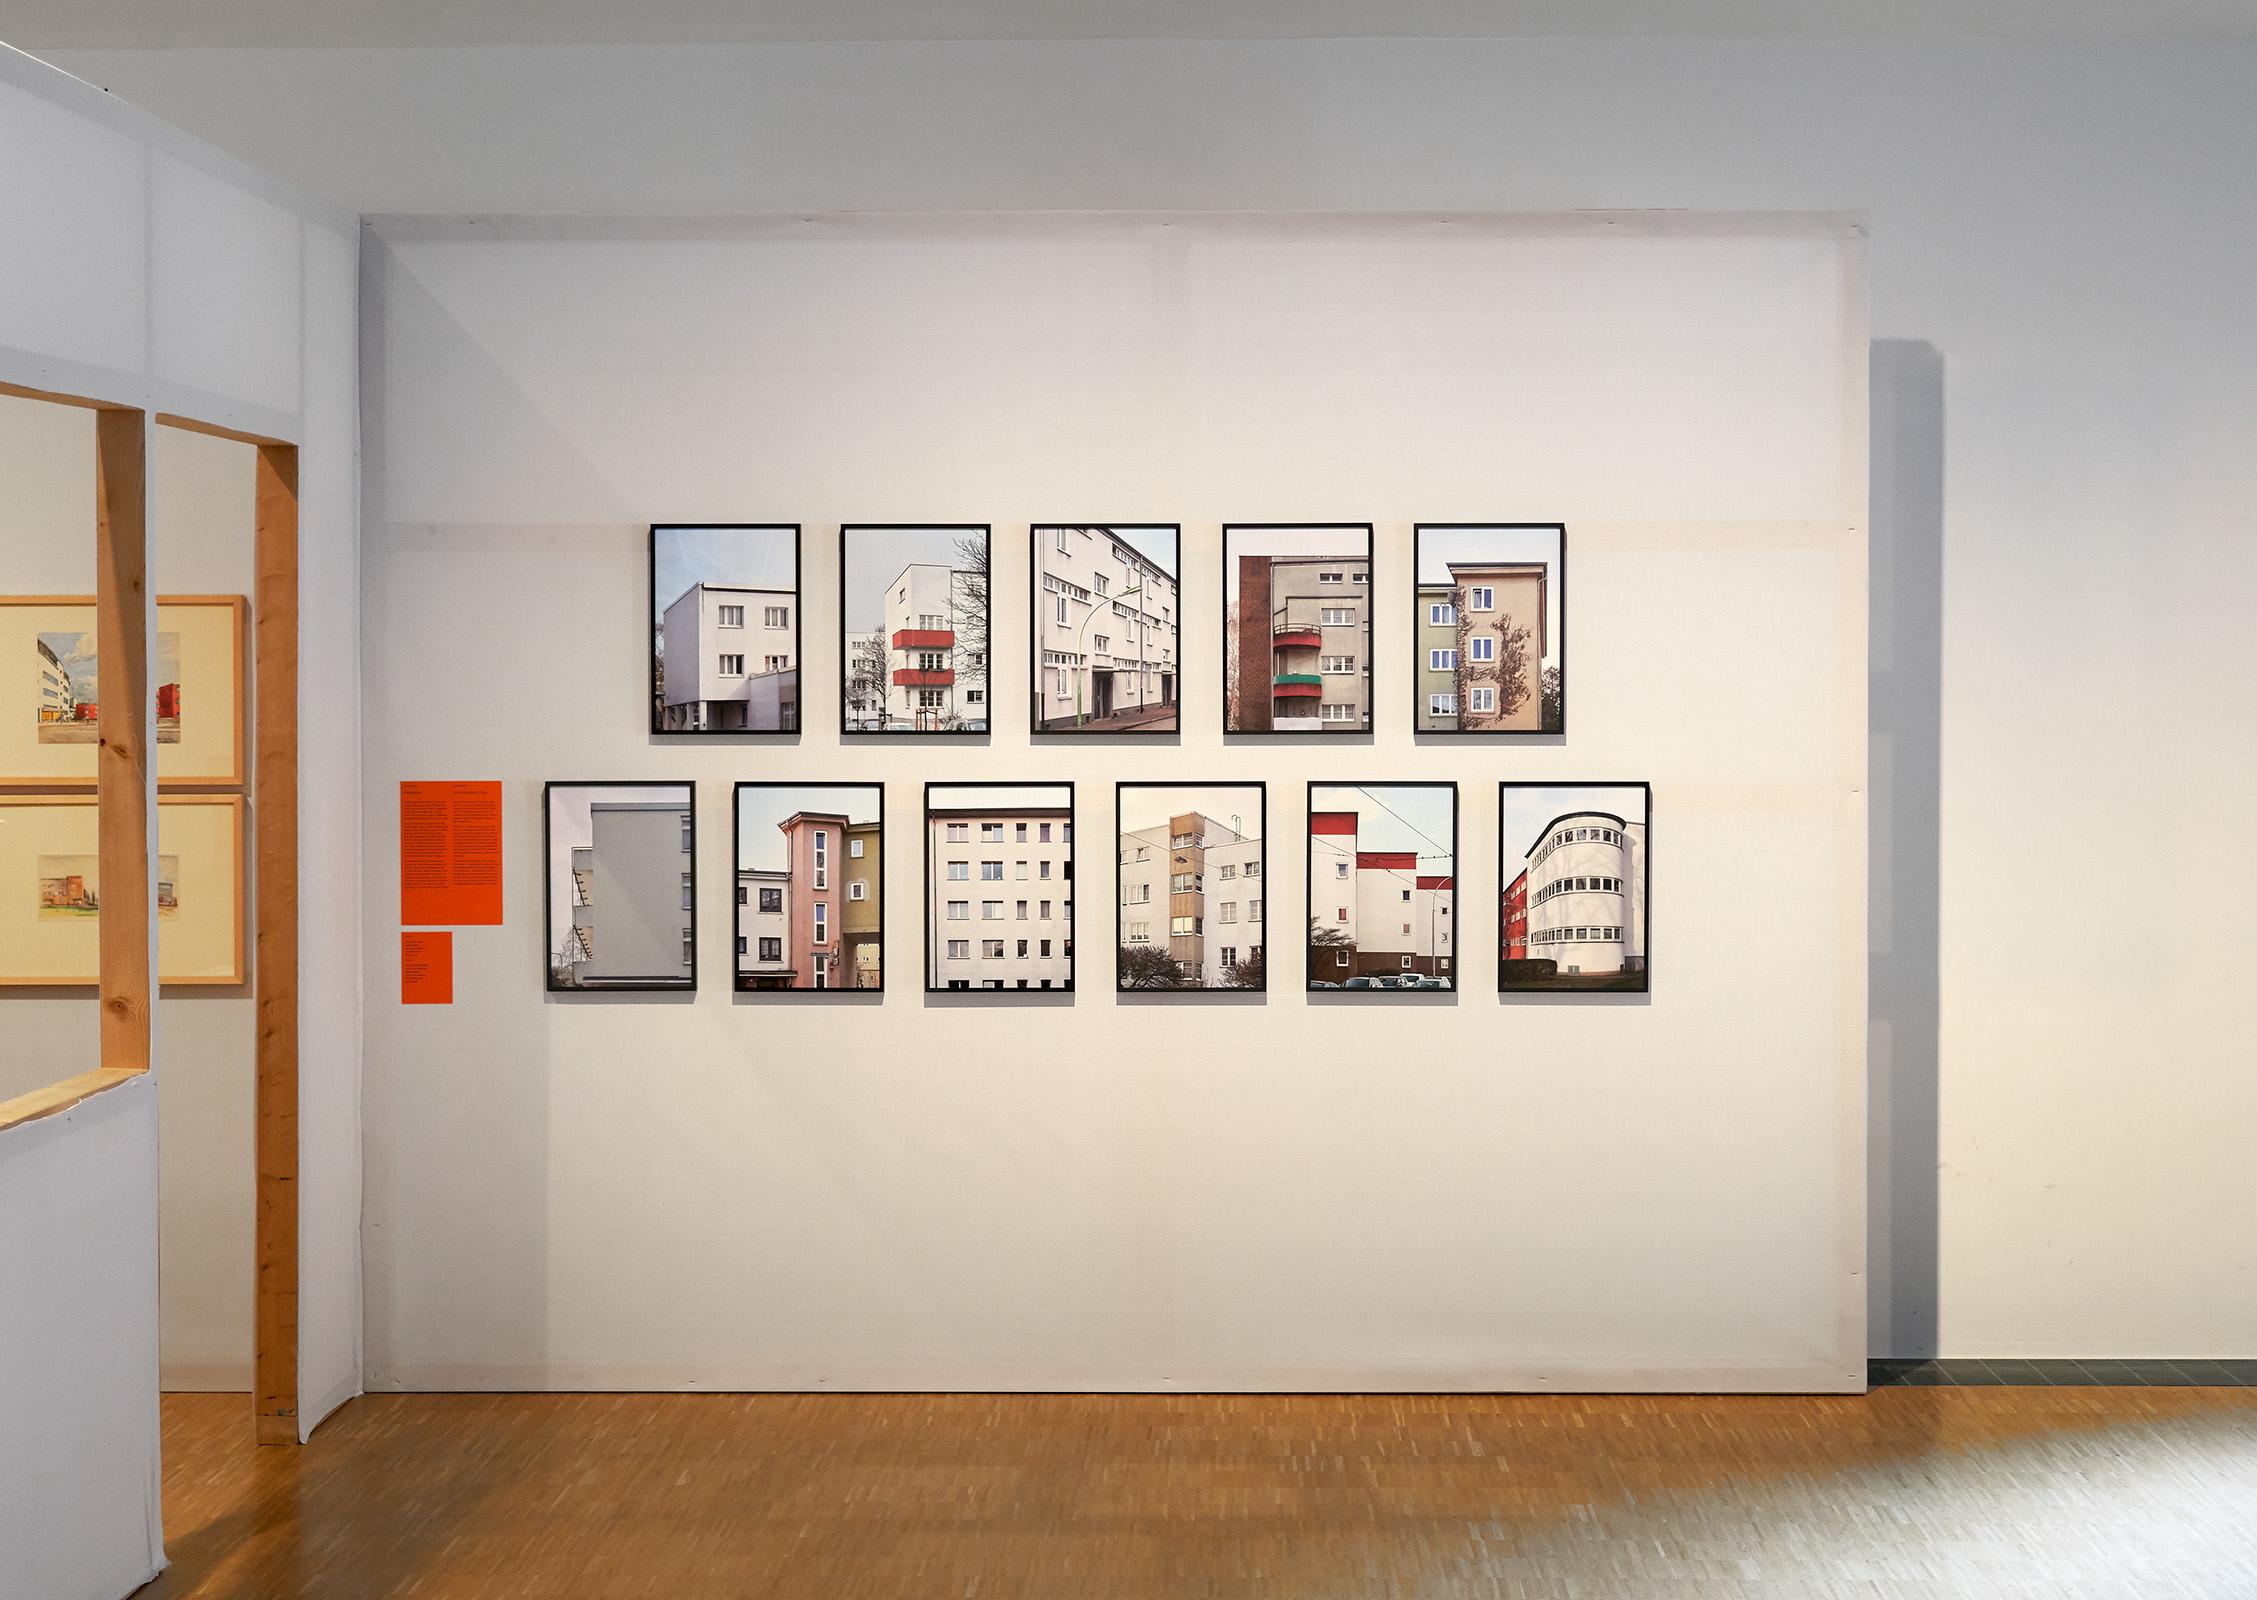 Freie Arbeit: Siedlungsbilder, 2019. Ausstellungsansicht im Historischen Museum Frankfurt am Main. Gruppenausstellung: Wie wohnen die Leute? 15. Mai – 13. Oktober 2019